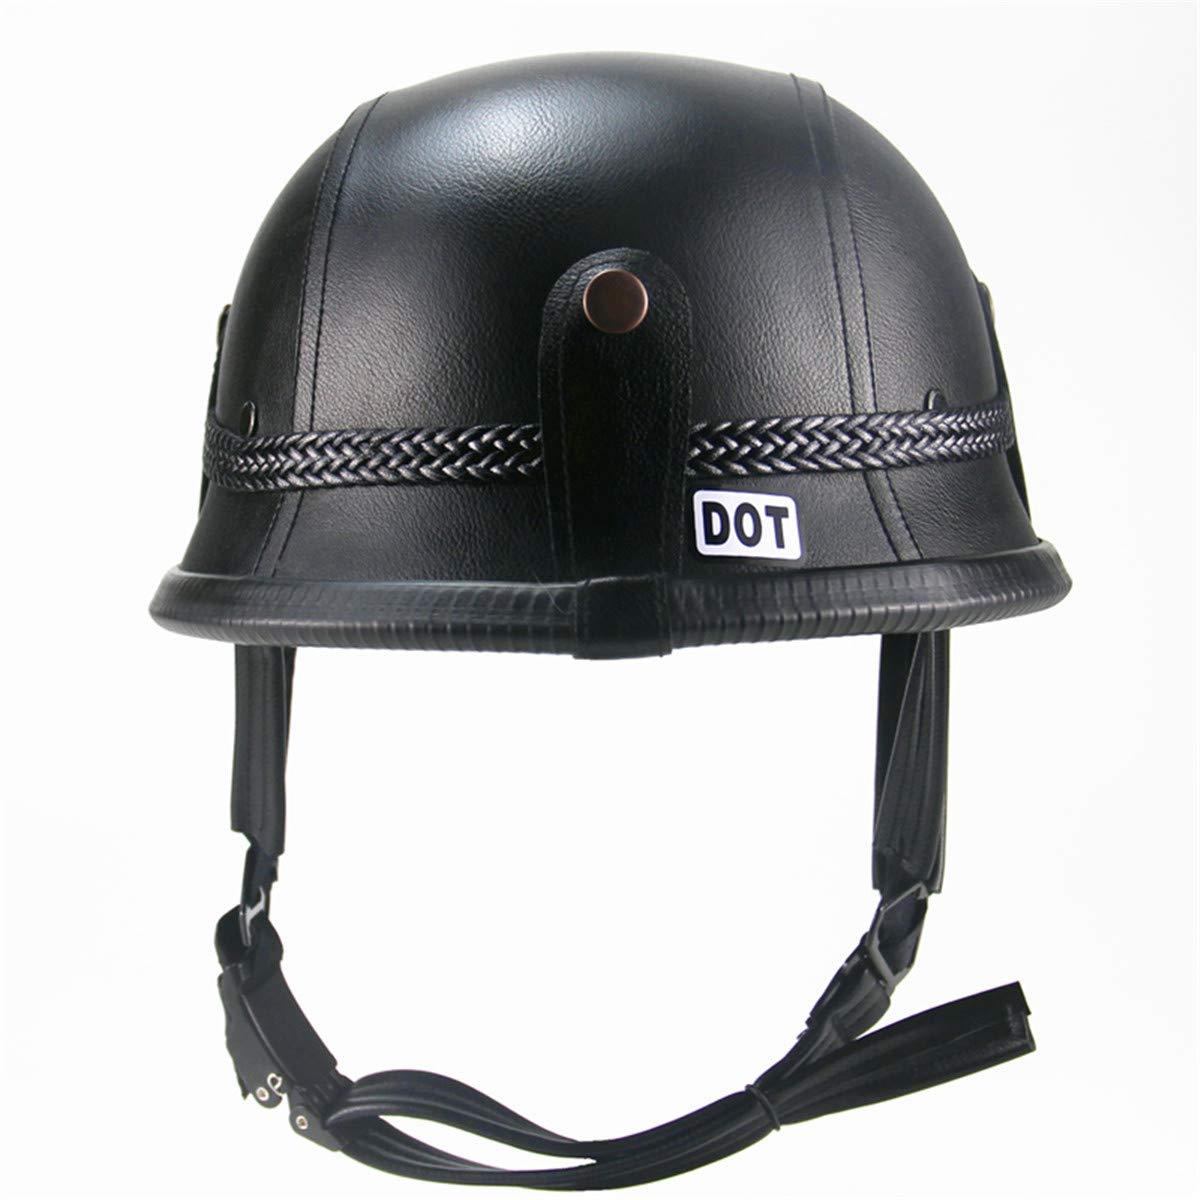 Unbekannt GRL Motorradhelme German Style Leder Motorradhelm Half Open Face mit Brille und Gesichtsmasken Schwarz Retro Vintage Army-Style